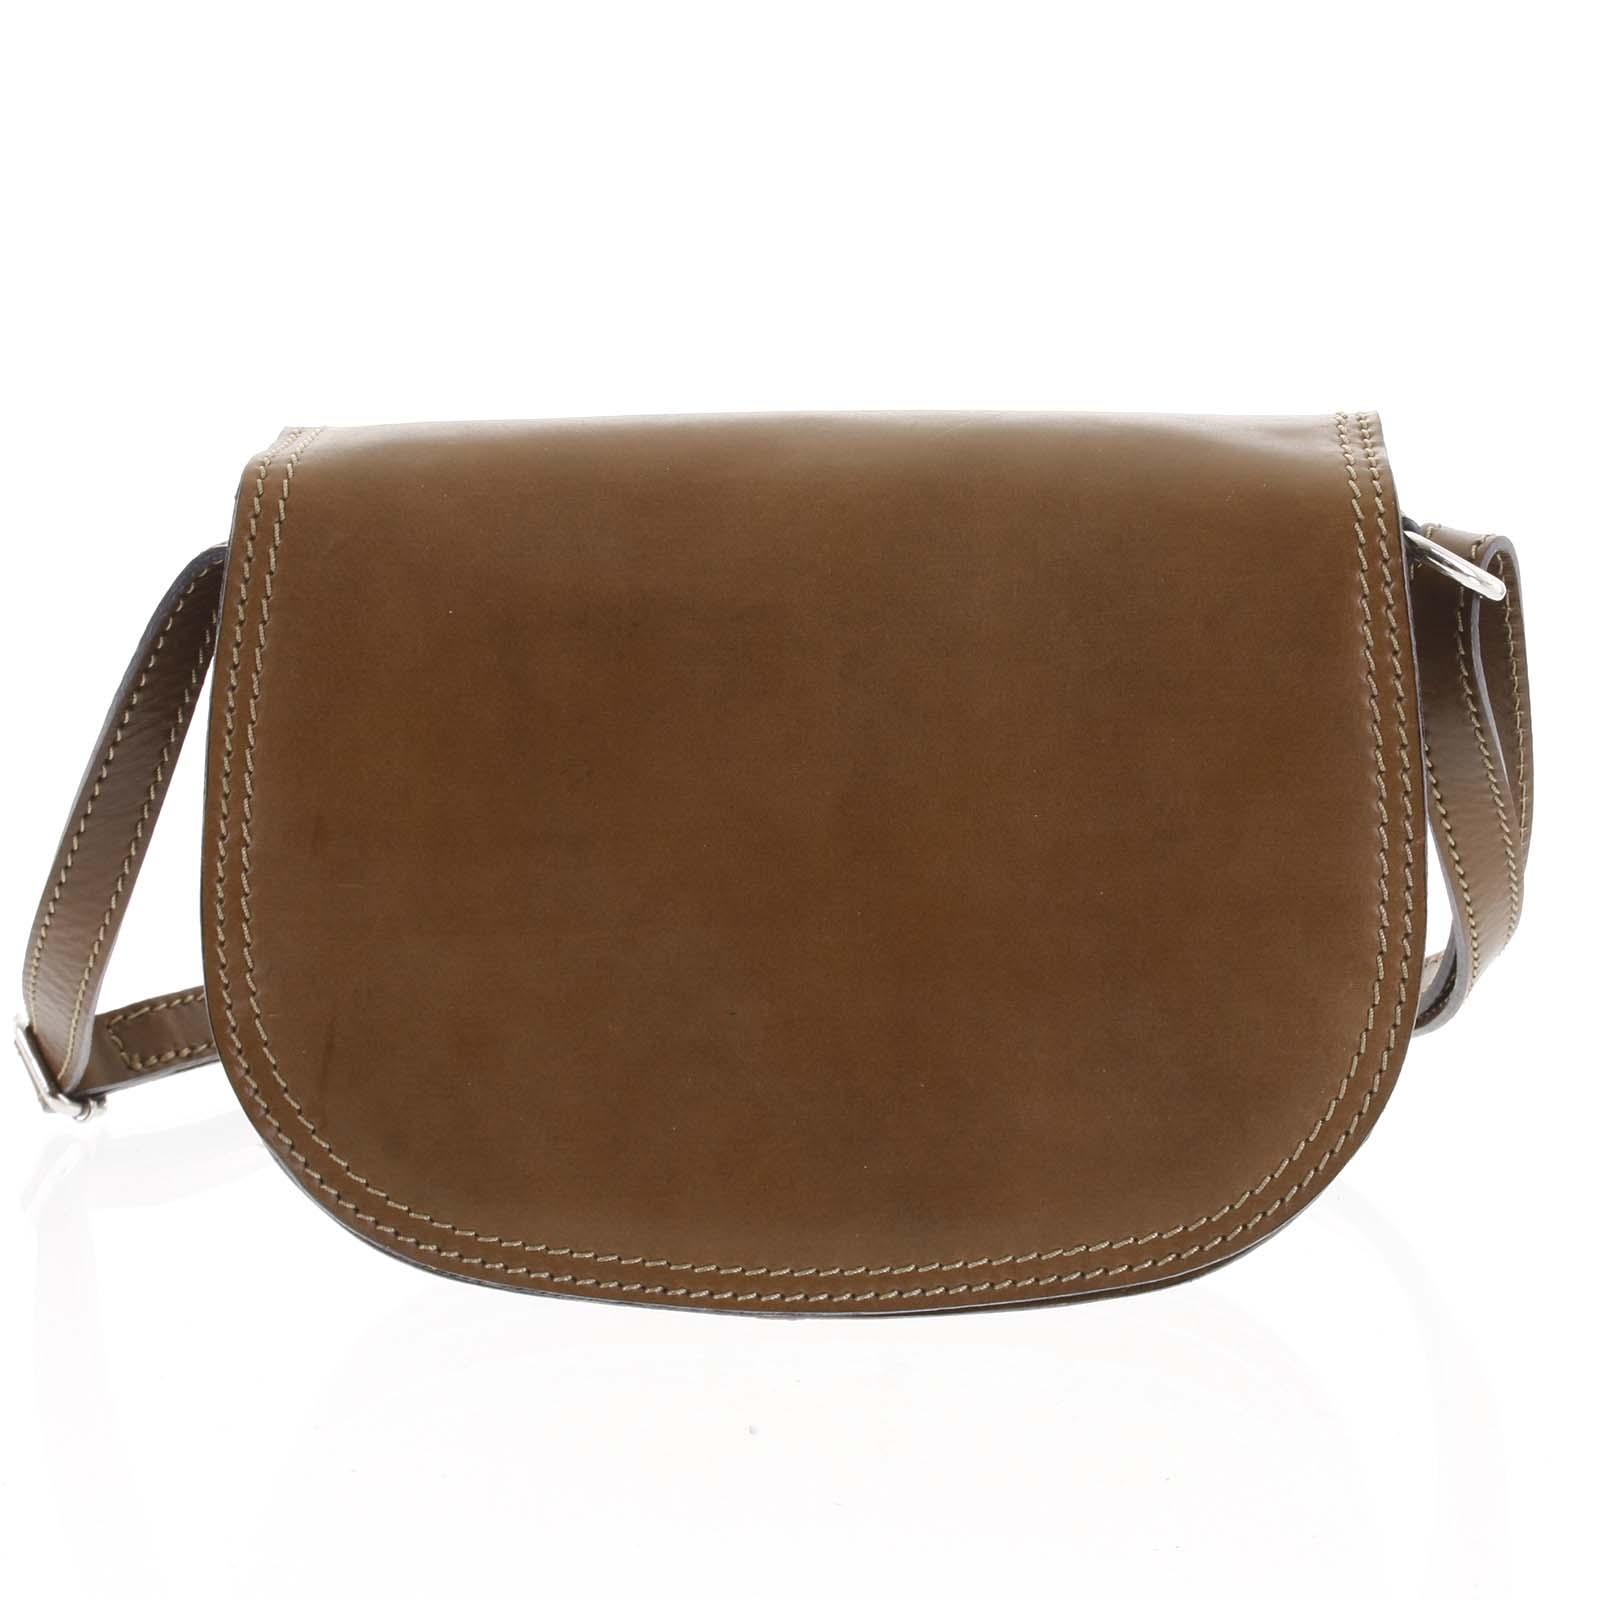 Menšia hnedá lakovaná crossbody kožená kabelka - ItalY Zoya hnedá